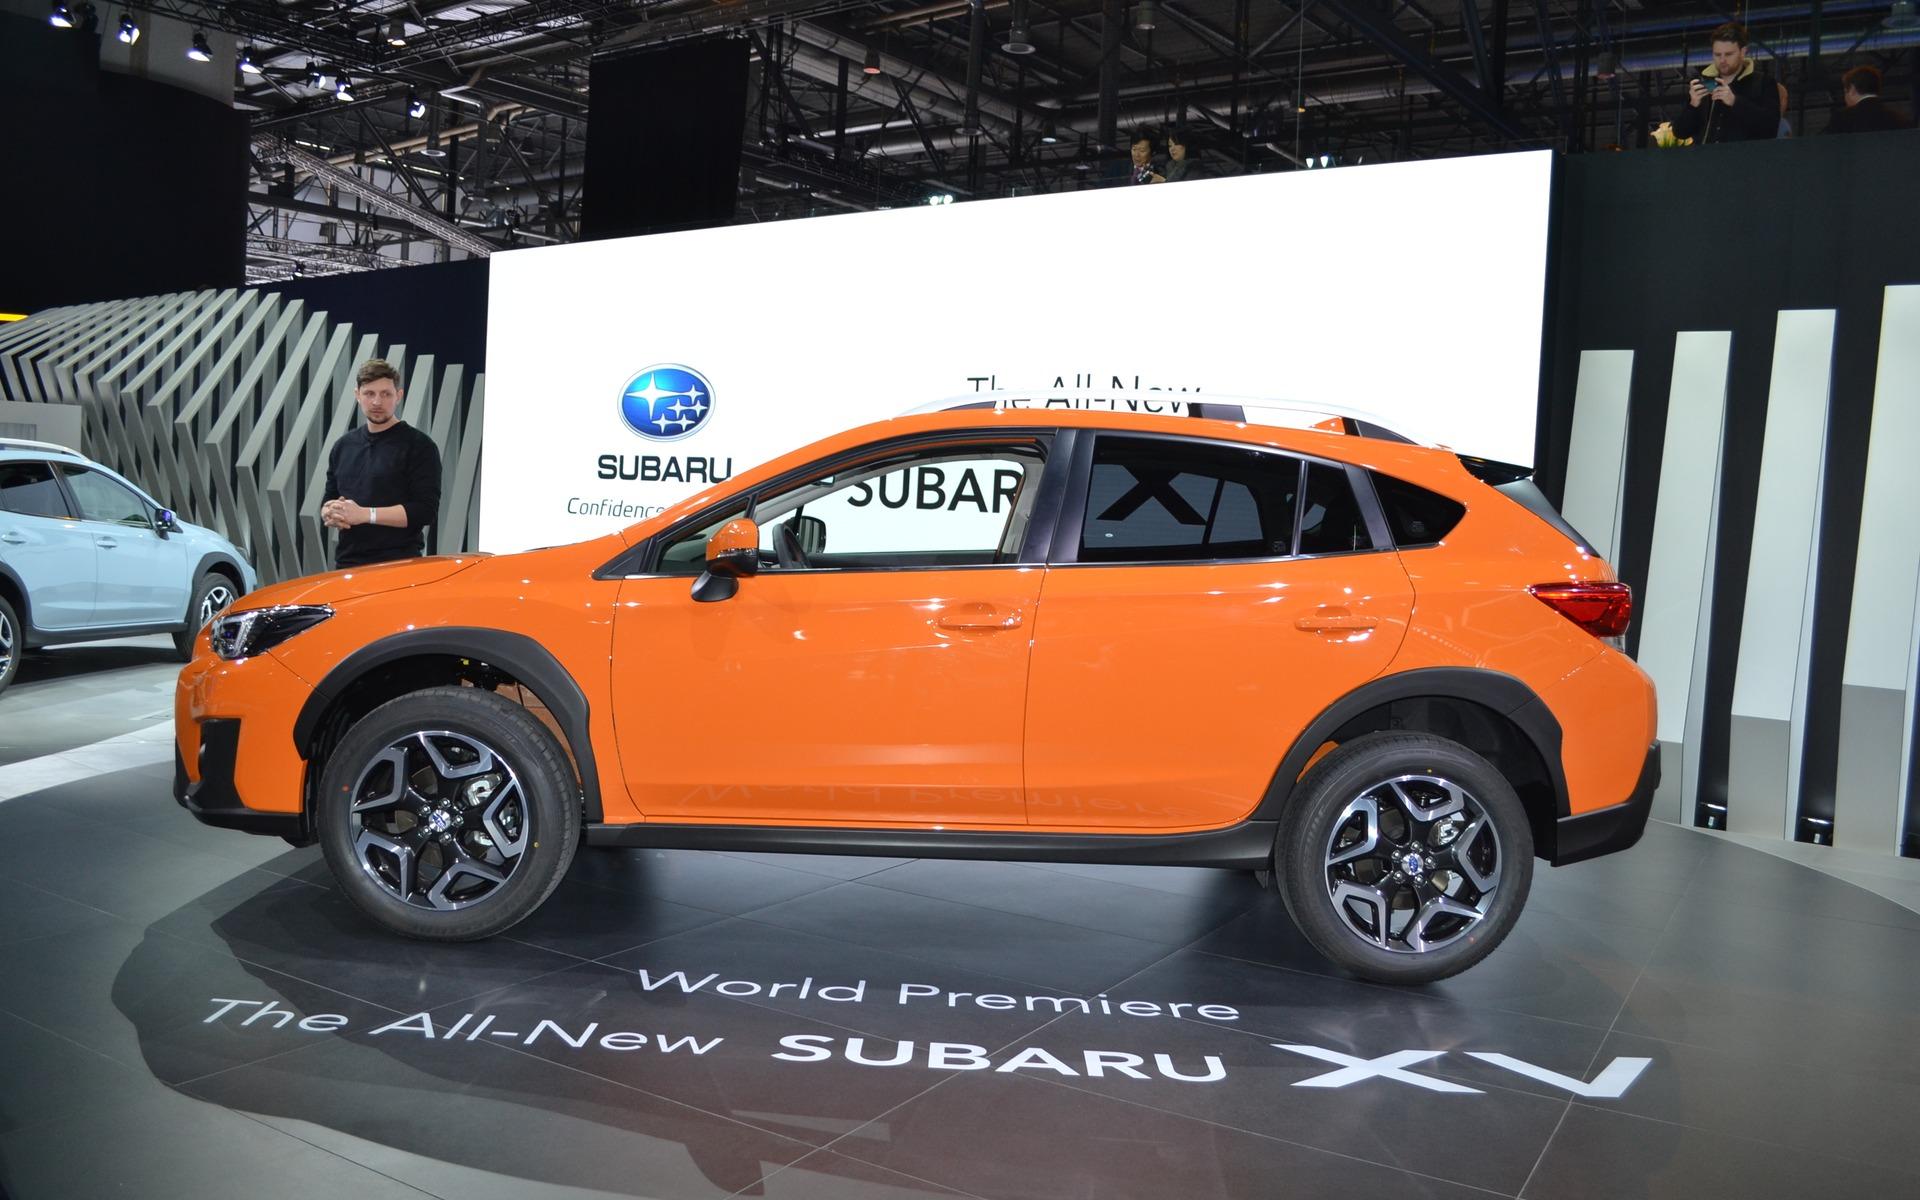 Le Subaru Crosstrek 2018 présenté à Genève - 2/14